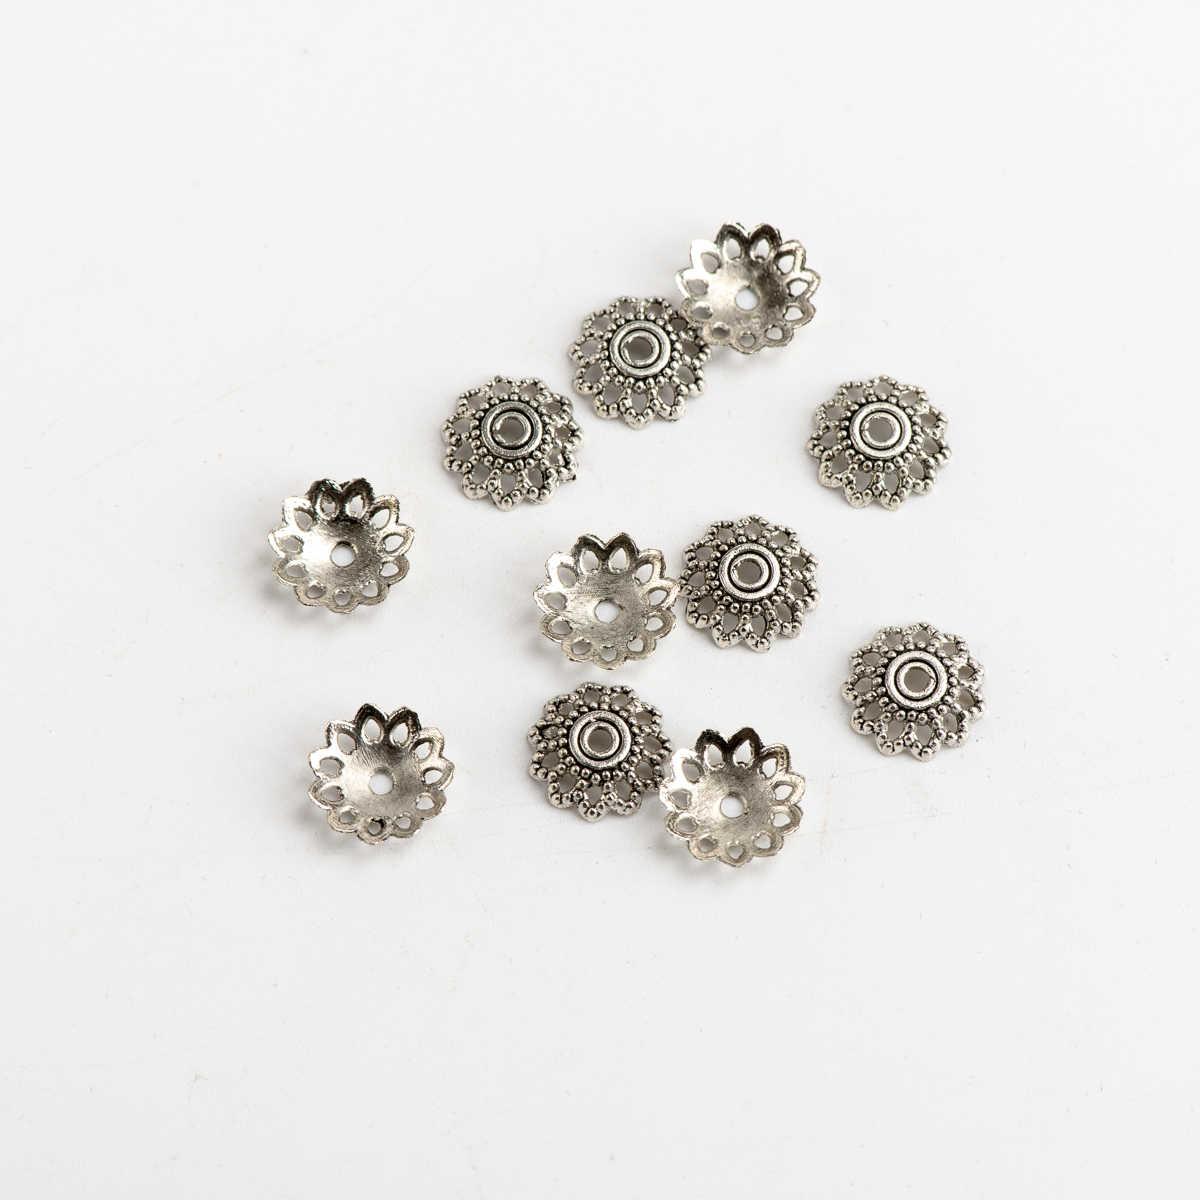 Hạt Mũ Không Phai Màu TỰ LÀM Trang Sức Làm Cho Những Phát Hiện Thủ Công Phụ Kiện Cho Jewelries Bộ Kim Chỉ # JY326